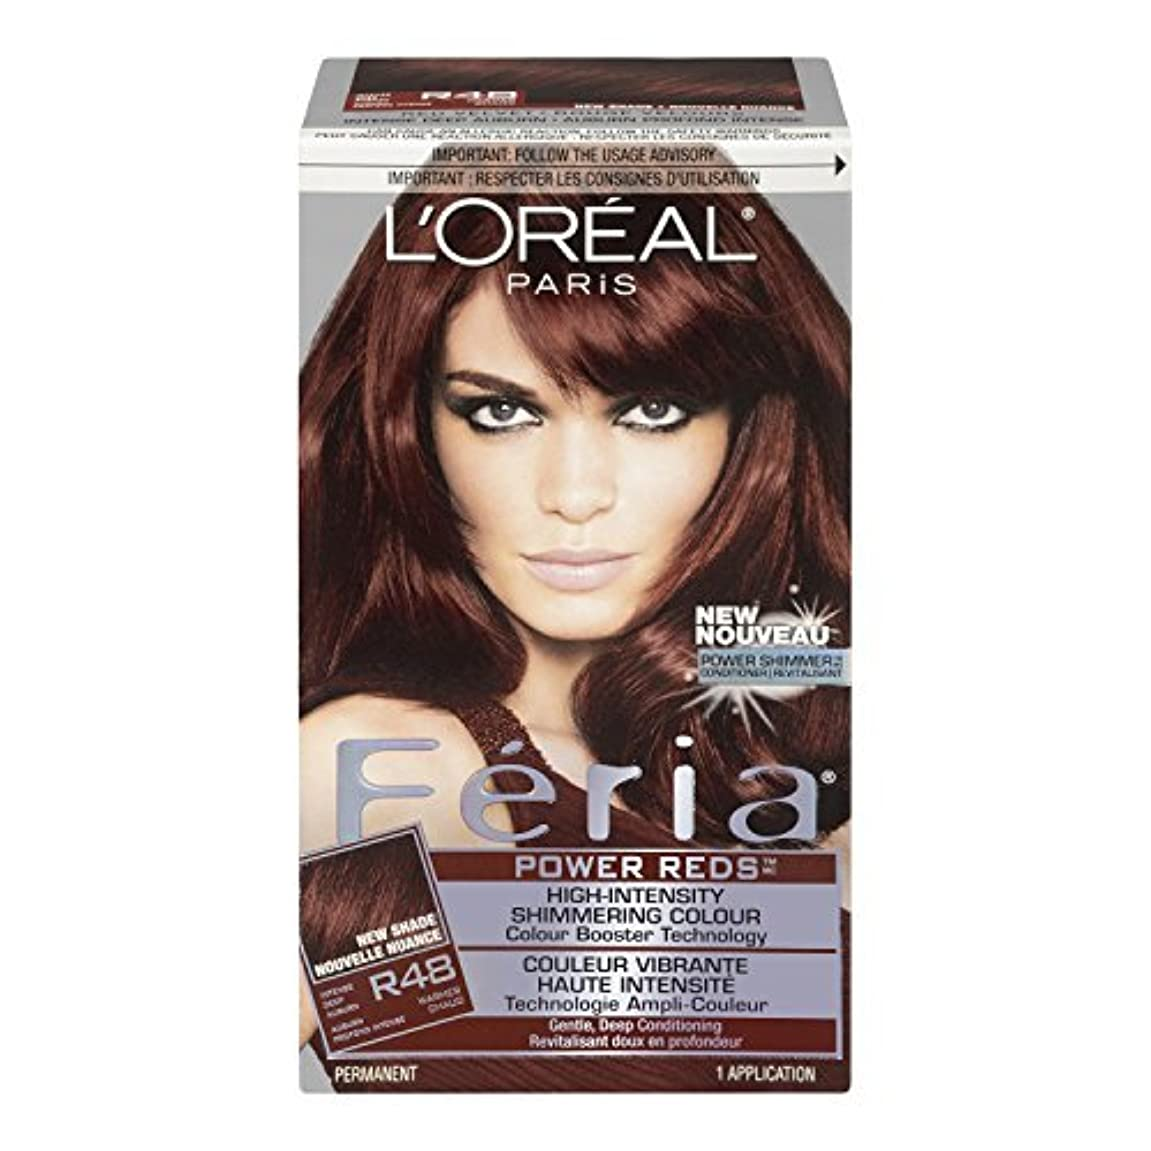 優しいアパート隣接L'Oreal Feria Power Reds Hair Color, R48 Intense Deep Auburn/Red Velvet by L'Oreal Paris Hair Color [並行輸入品]